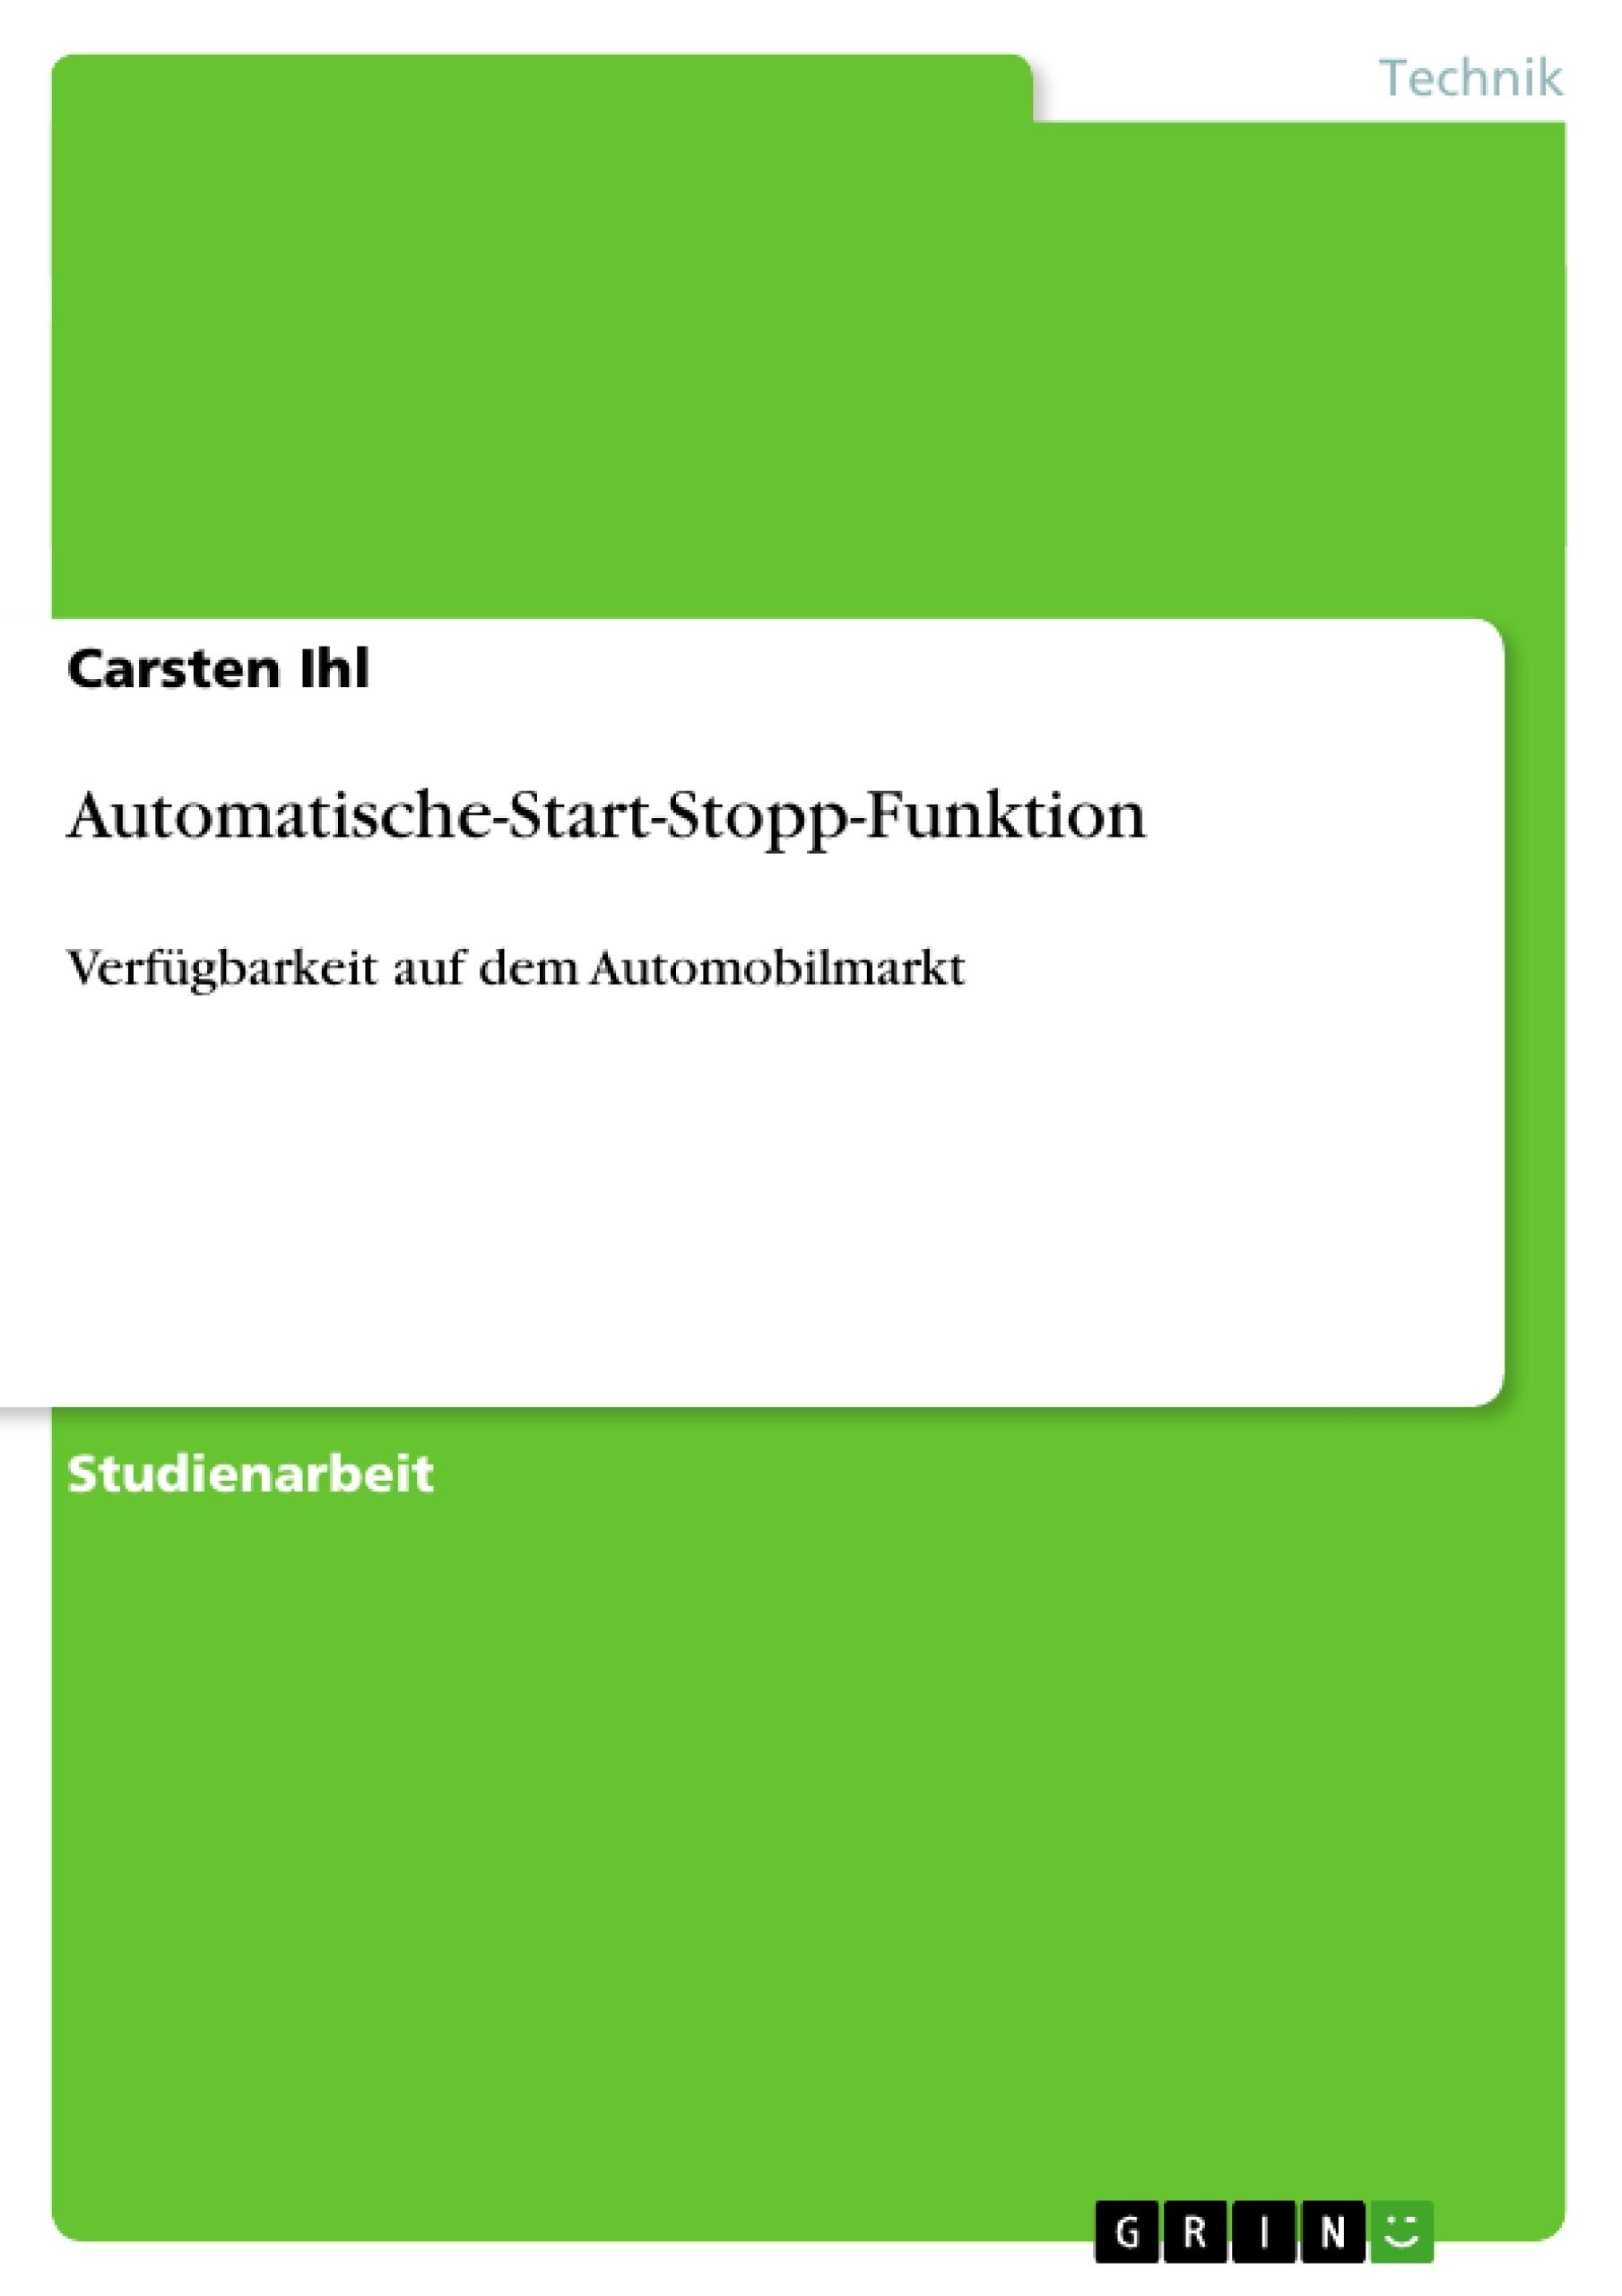 Titel: Automatische-Start-Stopp-Funktion